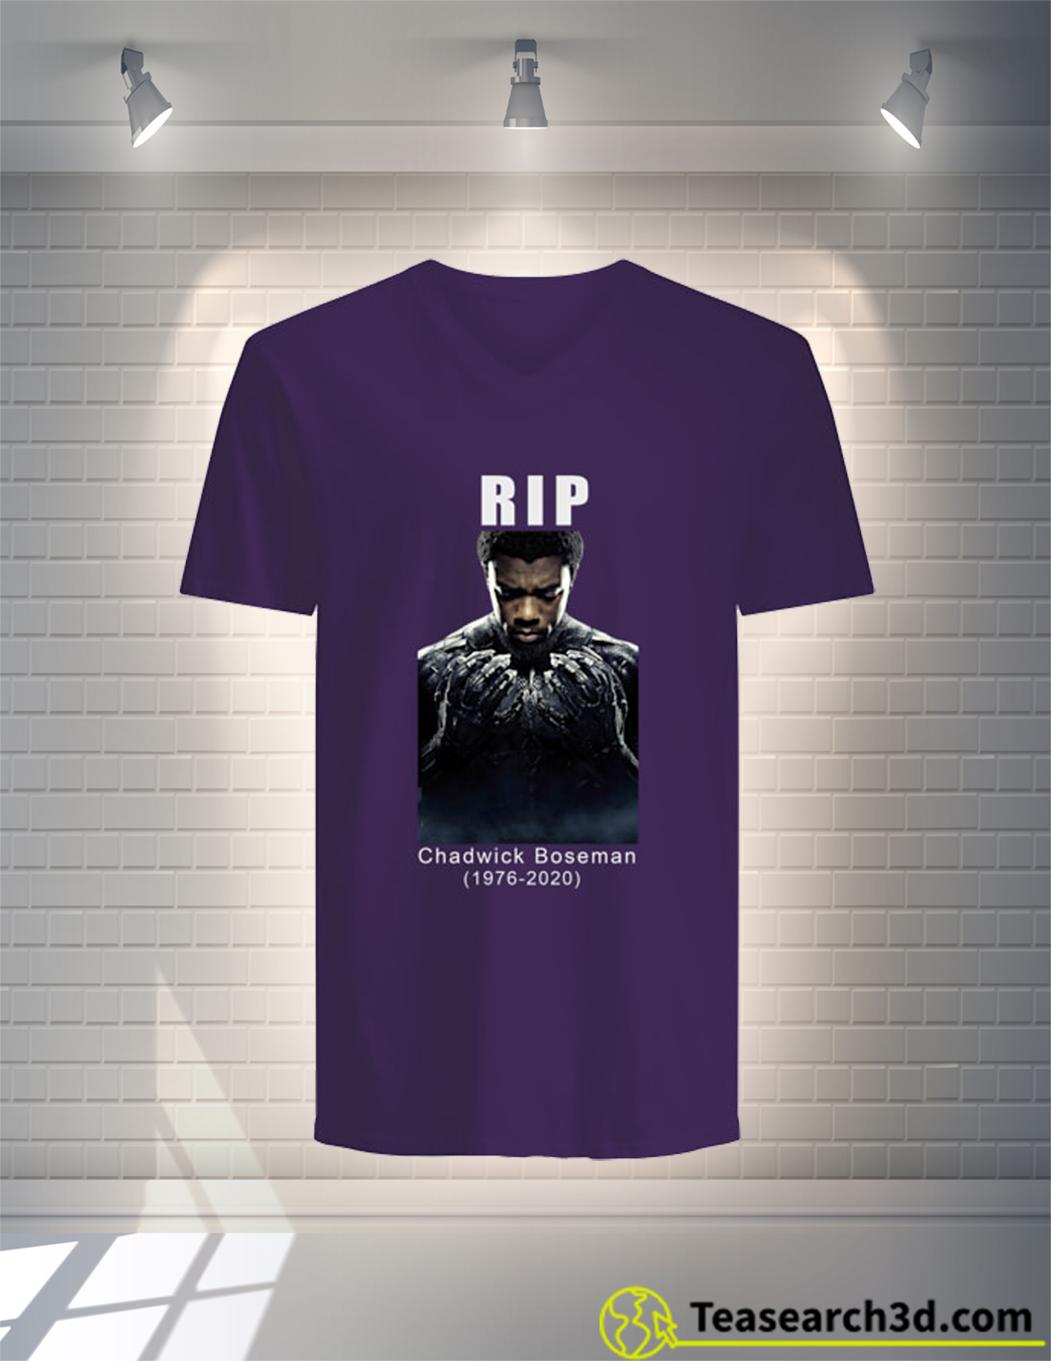 Rip Chadwick boseman 1976 2020 shirt